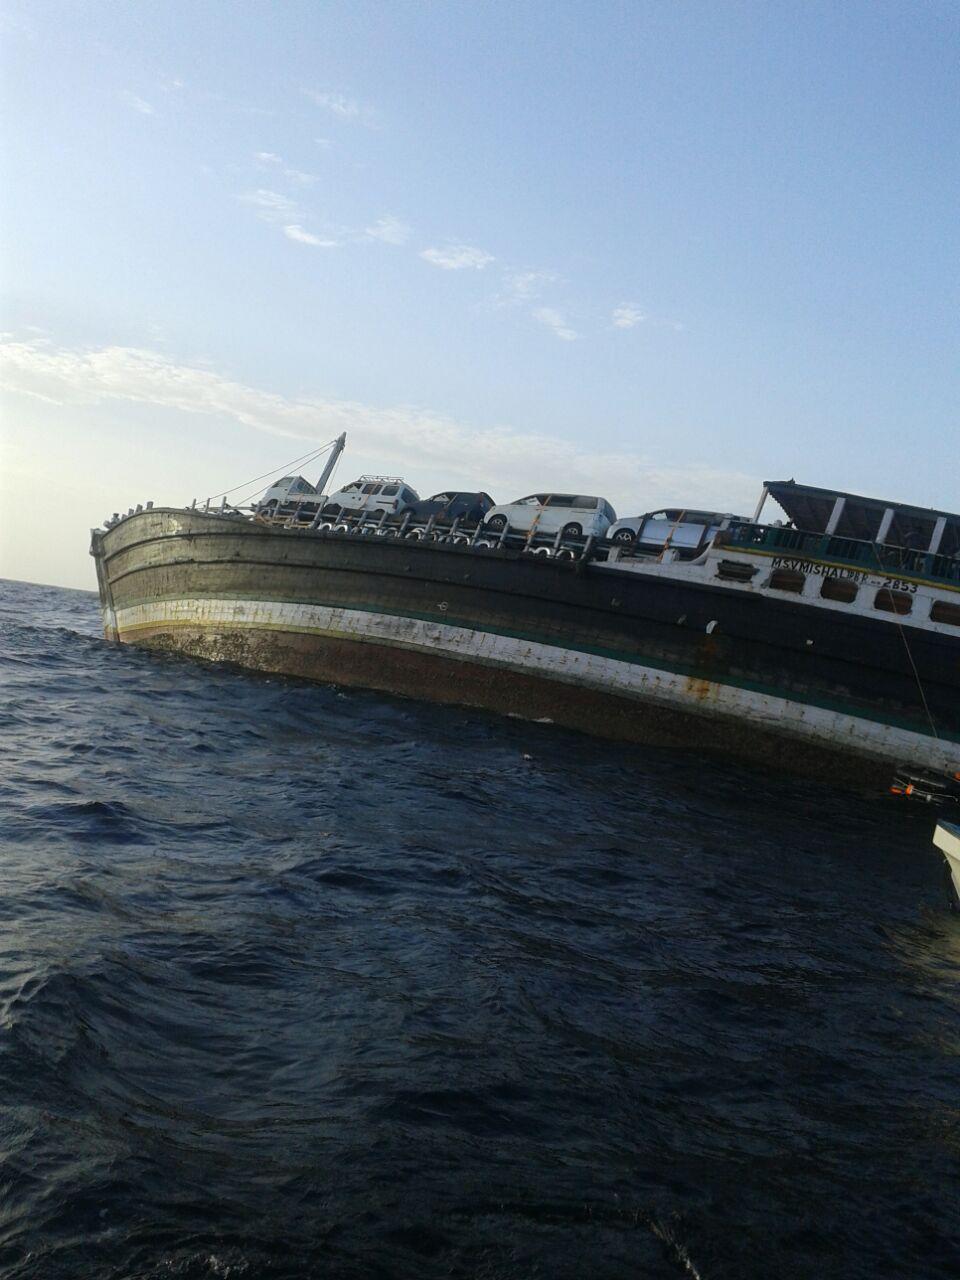 غرق سفينة تجارية قبالة سواحل جعلان بني بوعلي